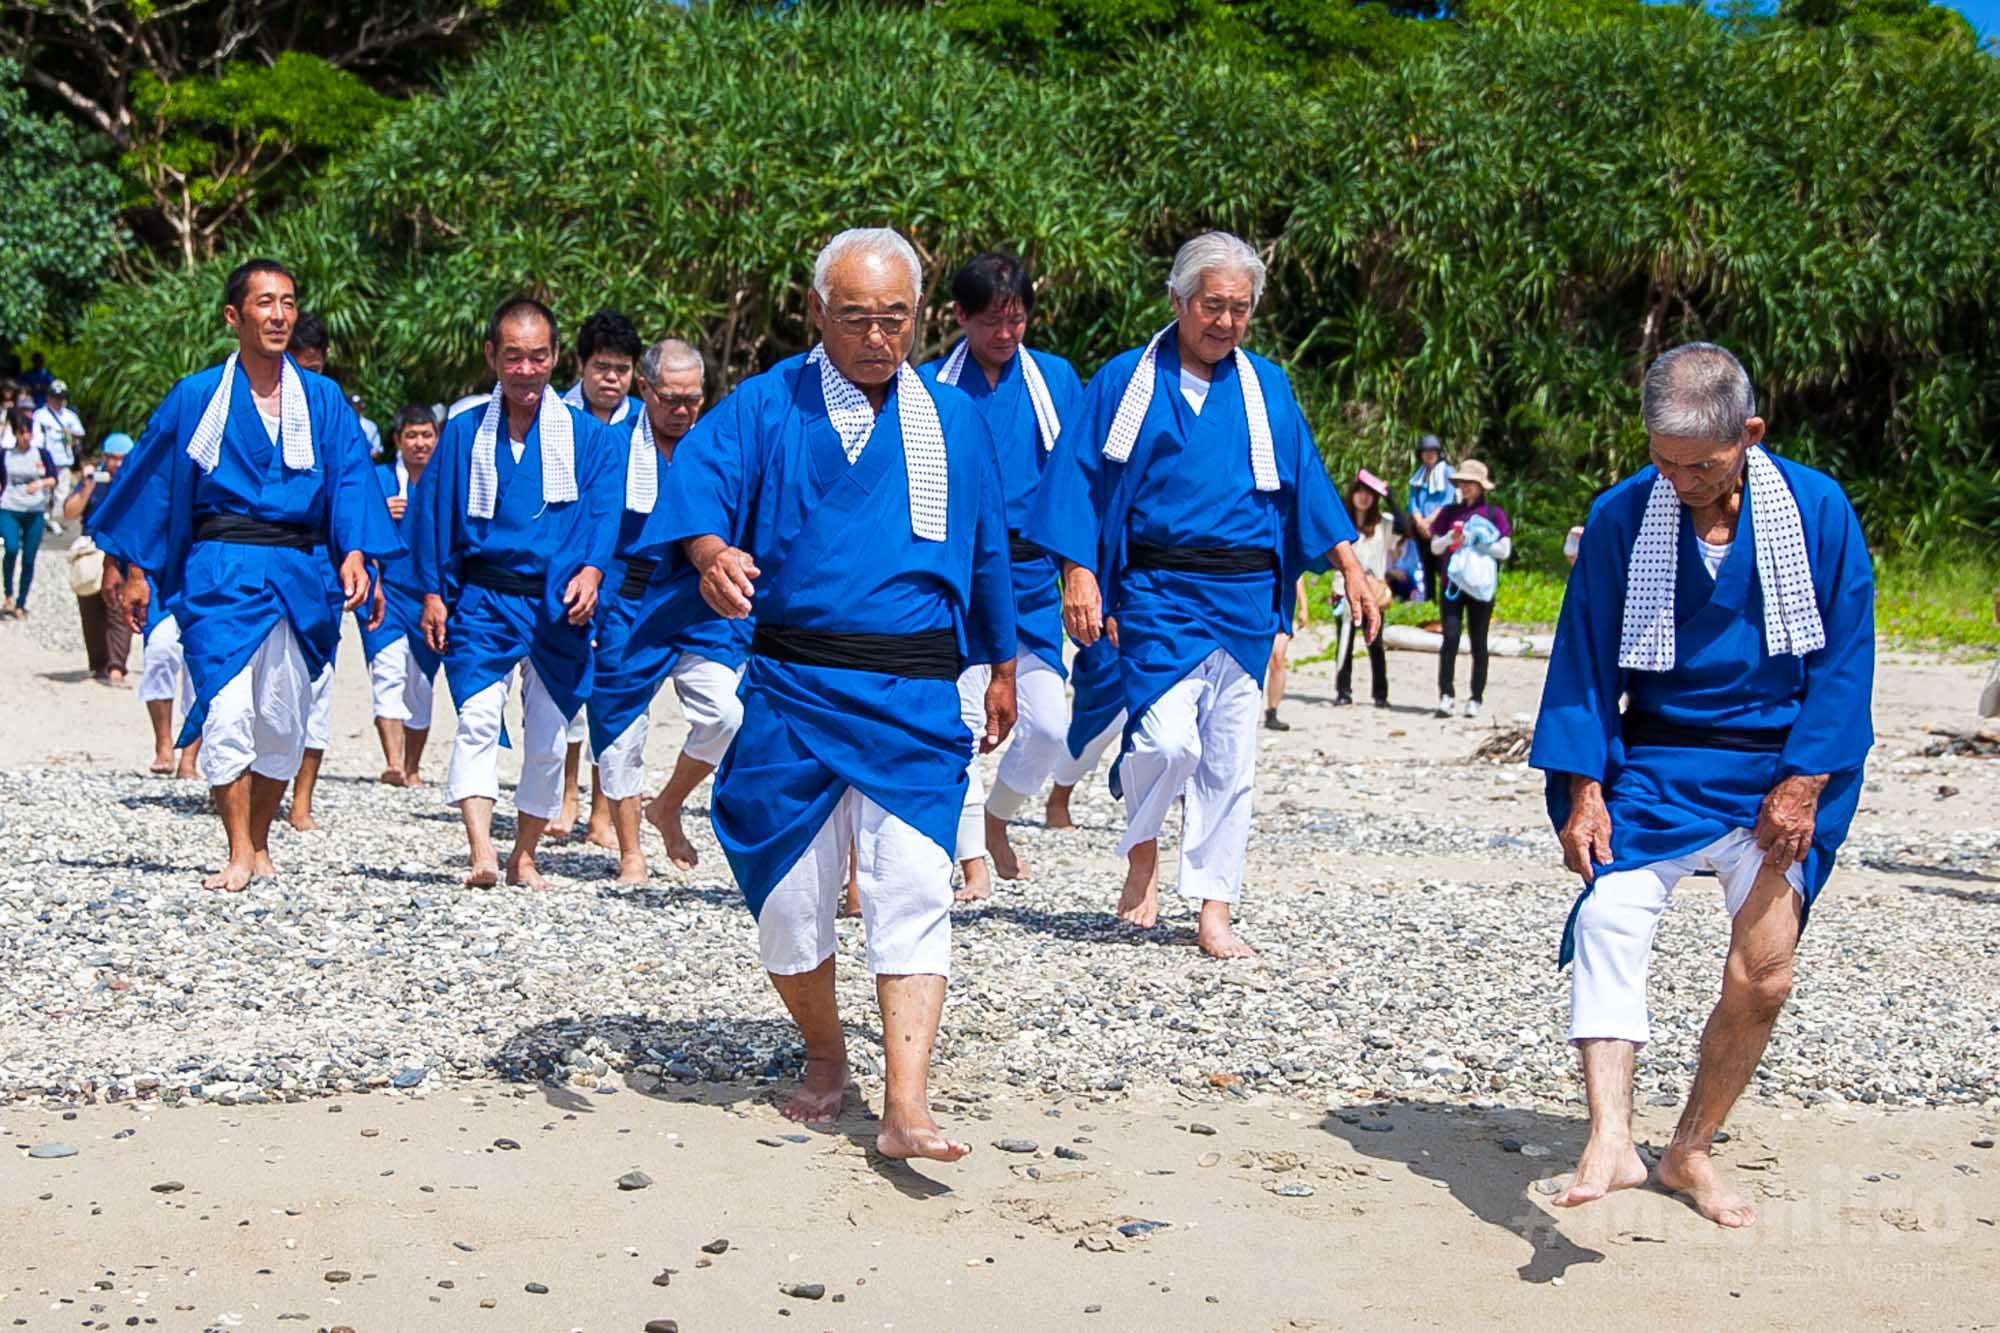 歩きすととうだひでひとの奄美探訪 諸鈍シバヤ 平家落人伝説 Machiiro 2